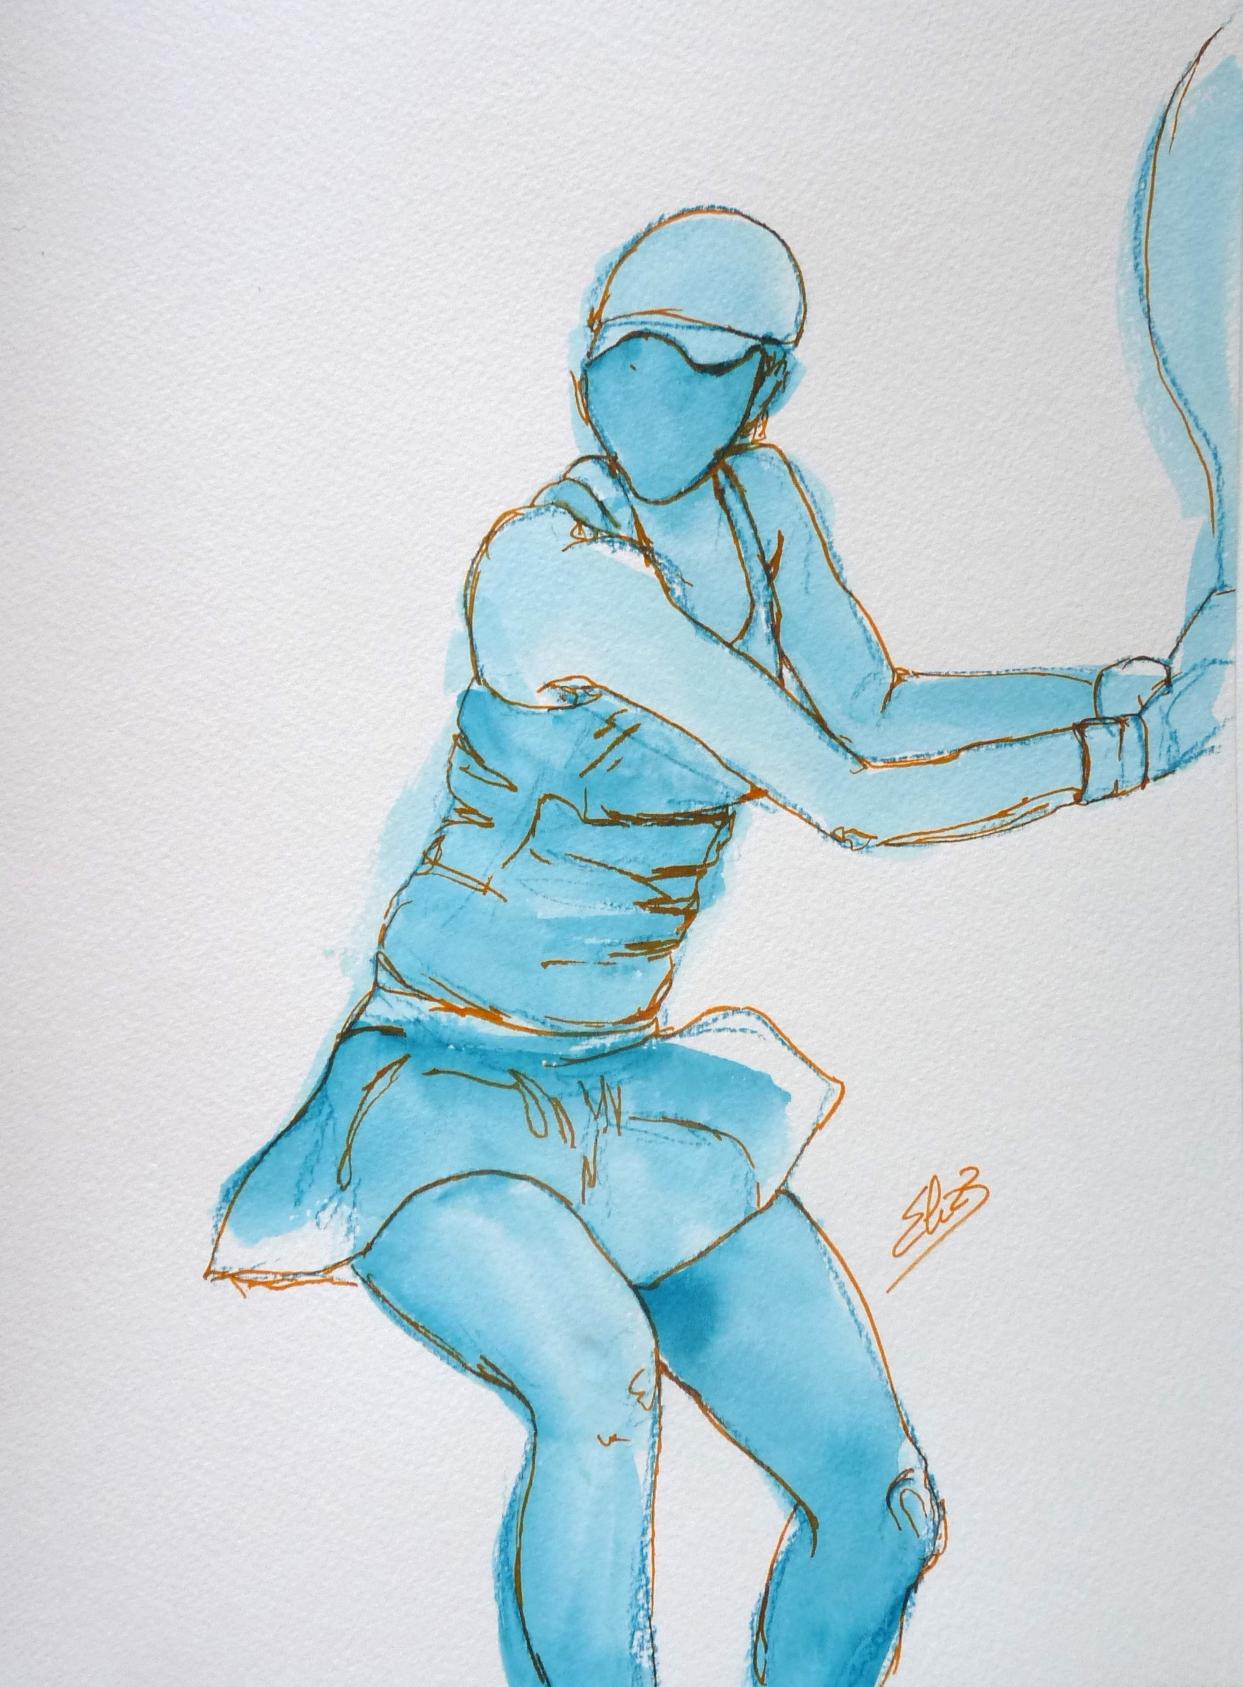 tennis tenniswoman joueuse dessin bleu encre Elize pigmentropie